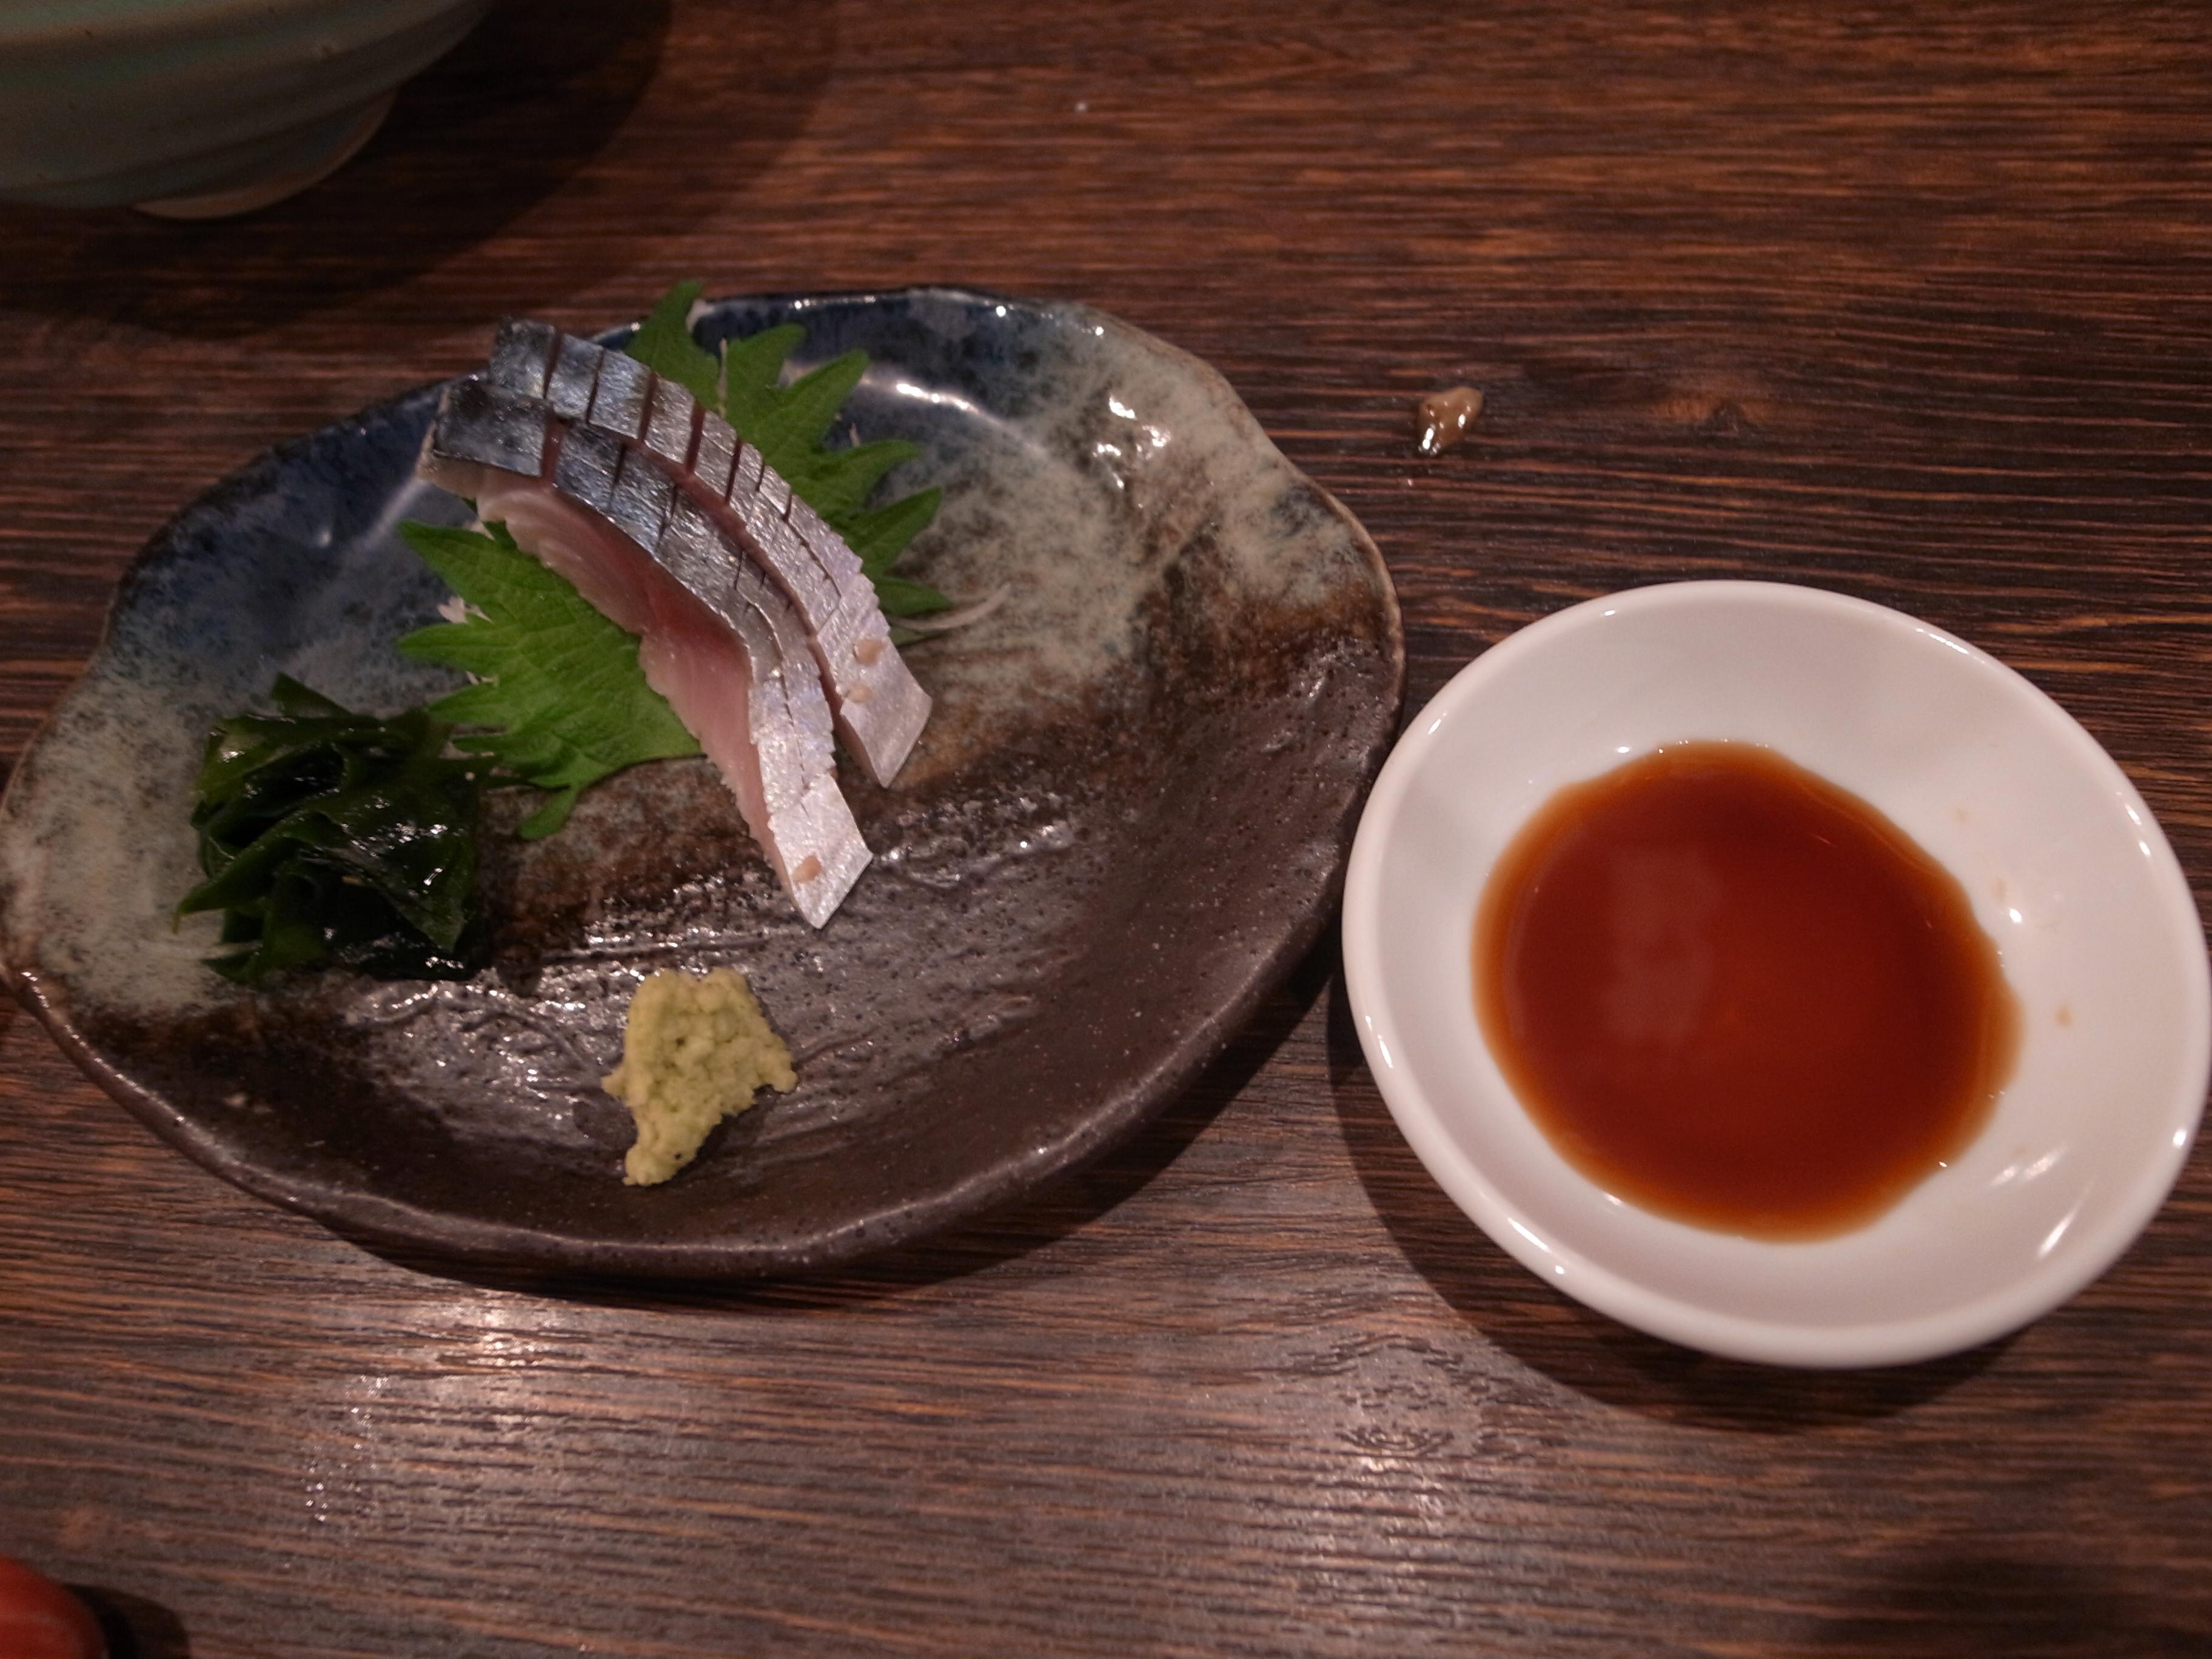 山手線沿いの日本酒がおいしい居酒屋:五反田「酒場それがし」 (8)